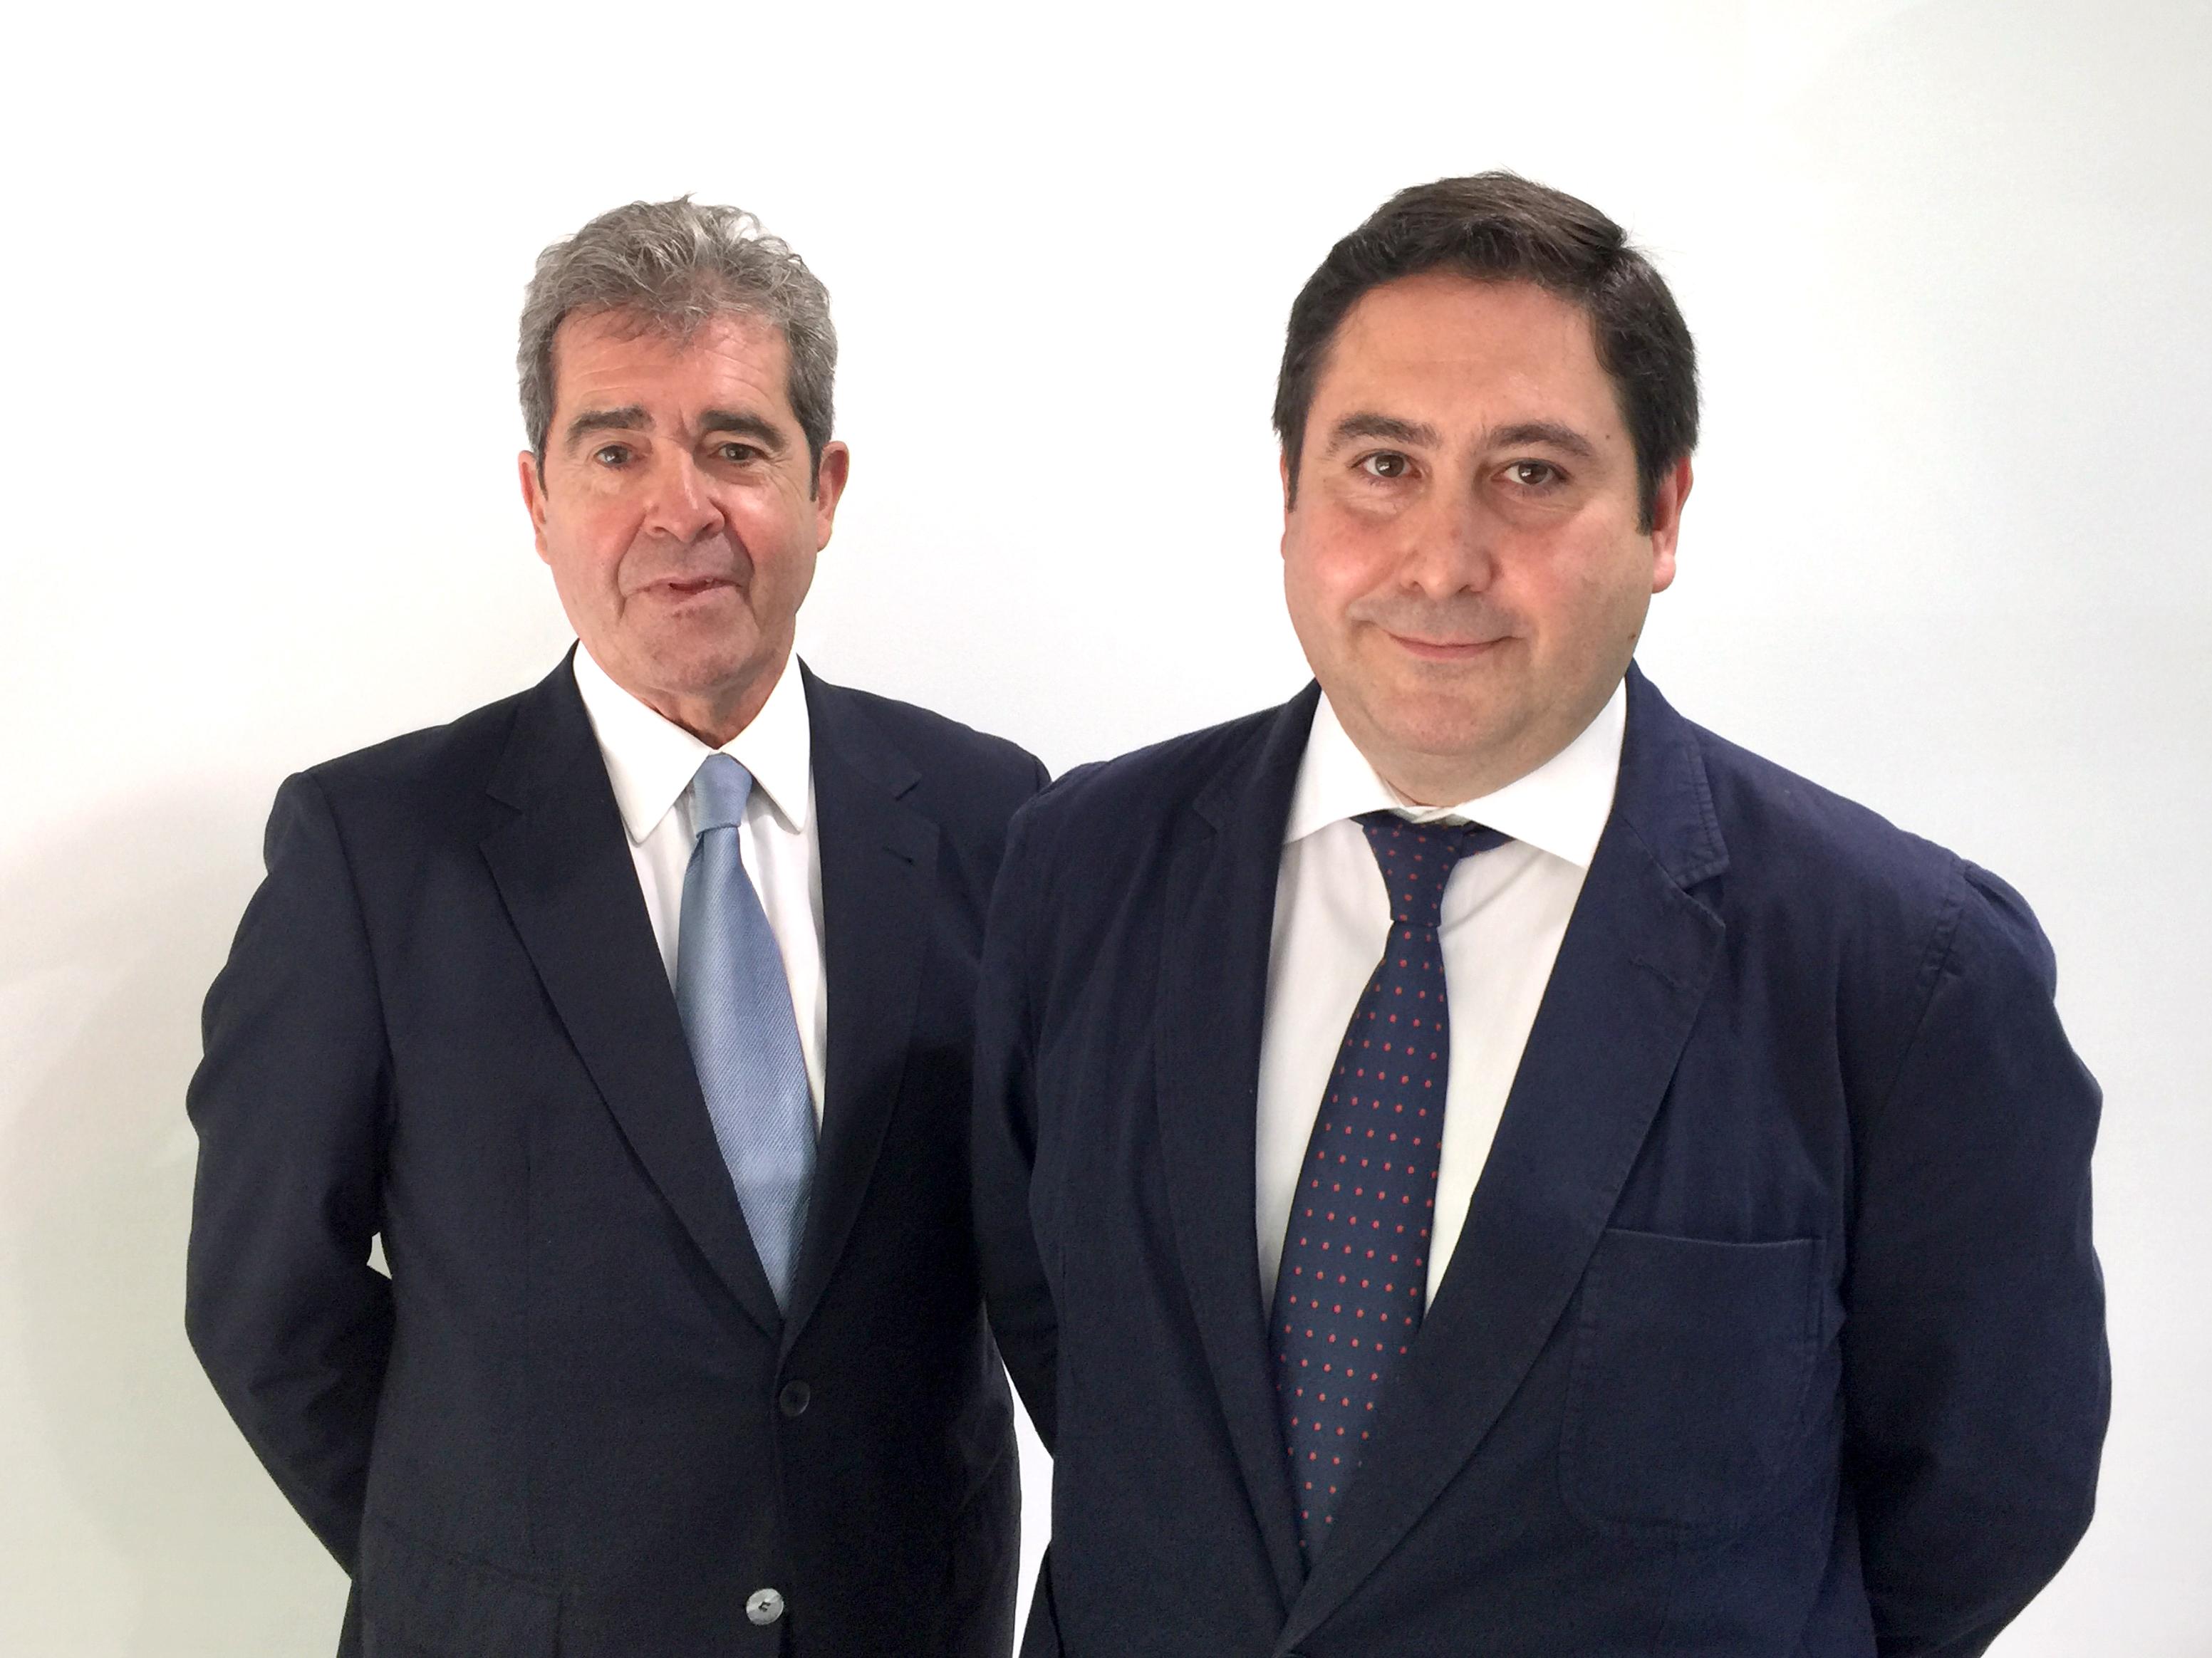 DJV Abogados Nombra Socio Director A Pedro Navarrete